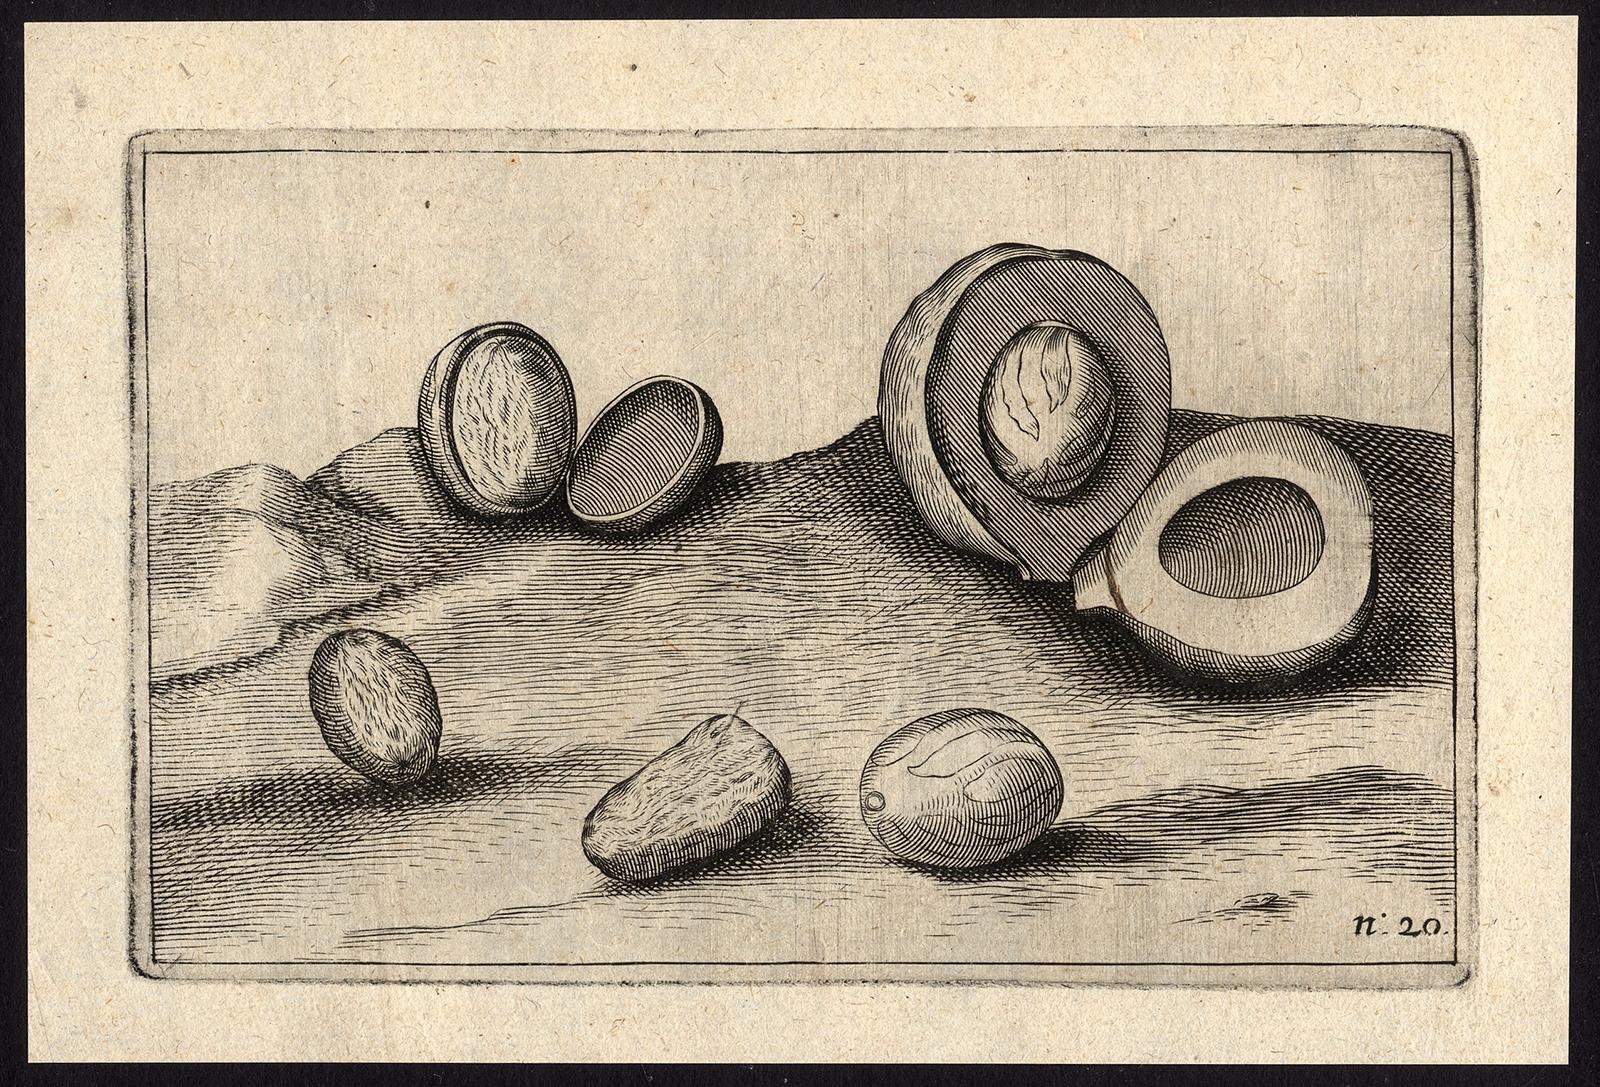 Pl.20 Afteeckeninge van de note-moschaten - Commelin (1646)